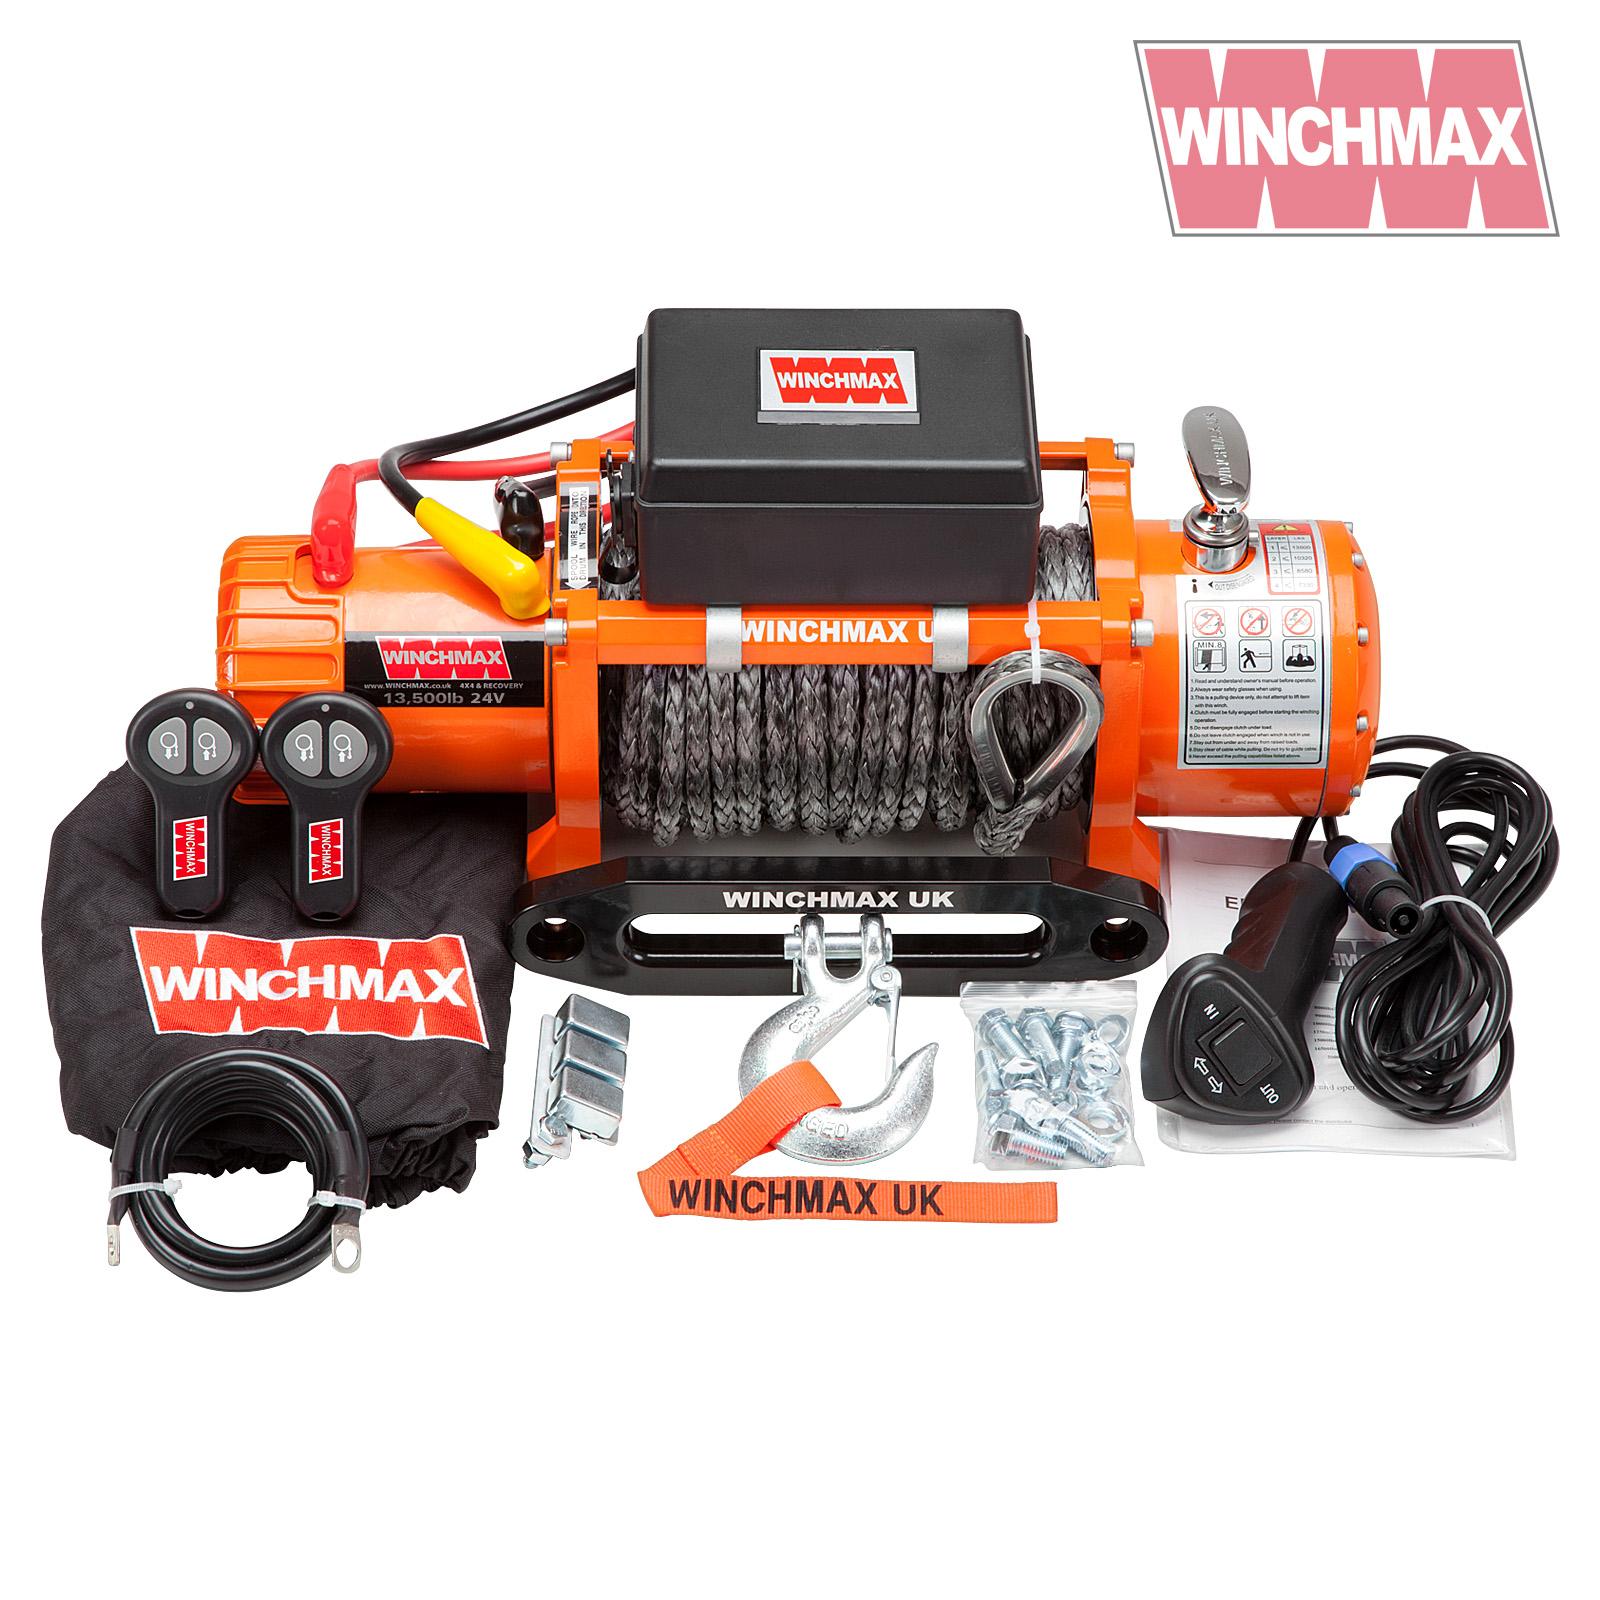 Wm1350024vrs winchmax 01